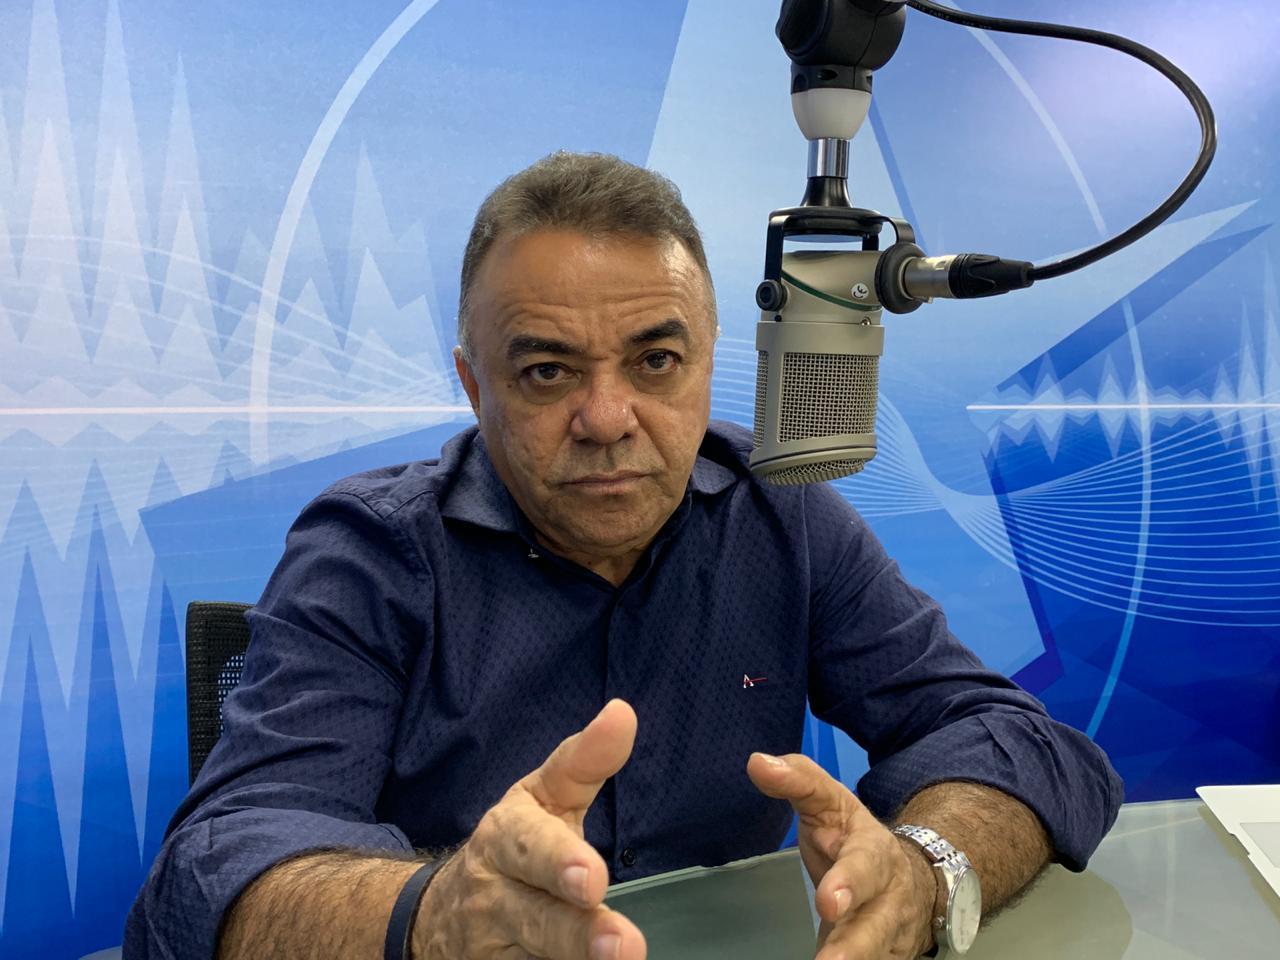 O EMBATE ENTRE A NOVA E A VELHA POLÍTICA: Rodrigo Maia quer cargos em troca da Reforma da Previdência – por Gutemberg Cardoso